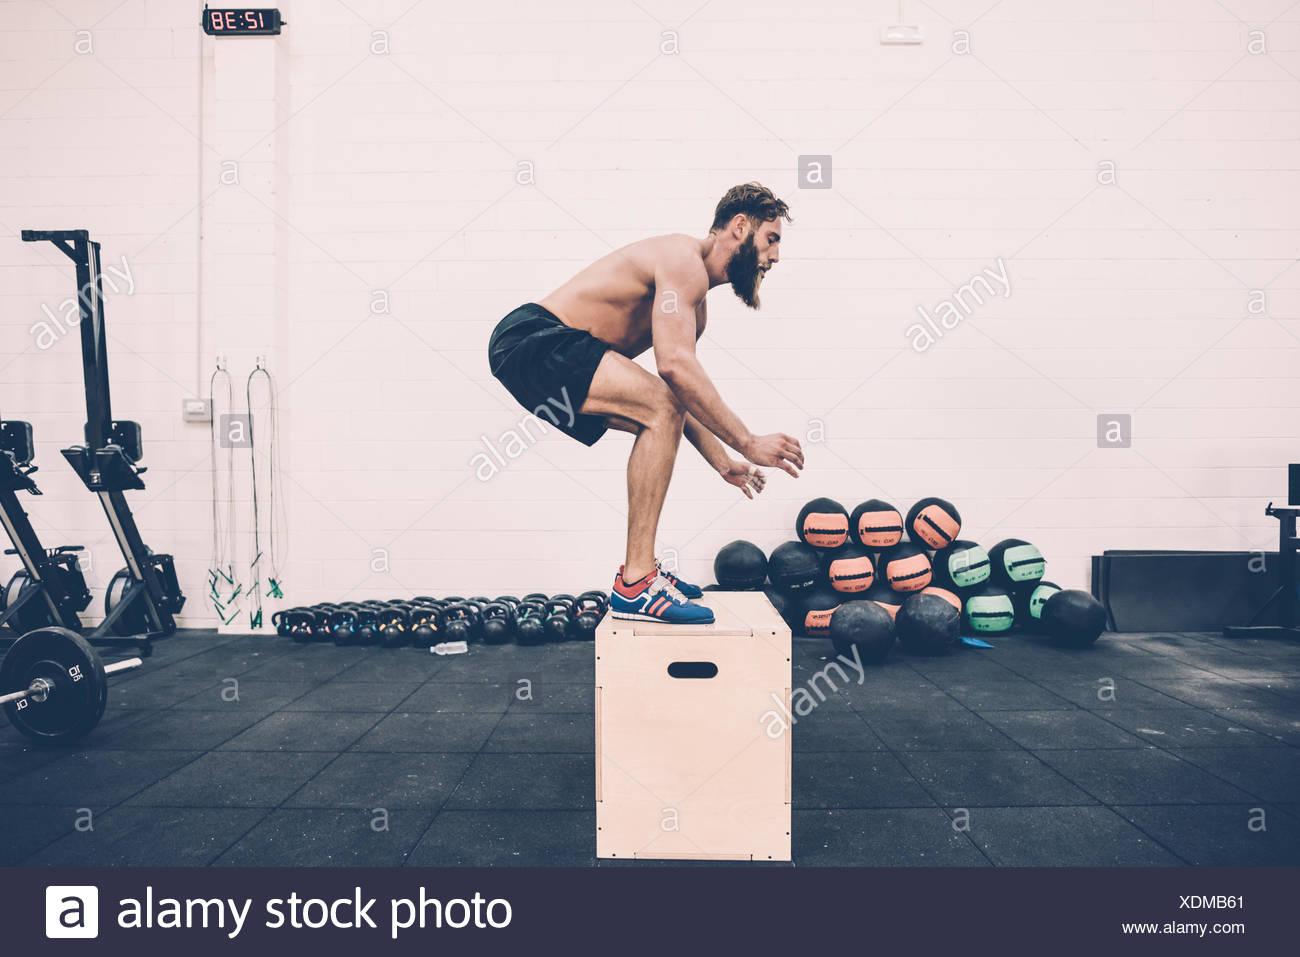 Jeune homme cross trainer sauter sur fort in gym Banque D'Images